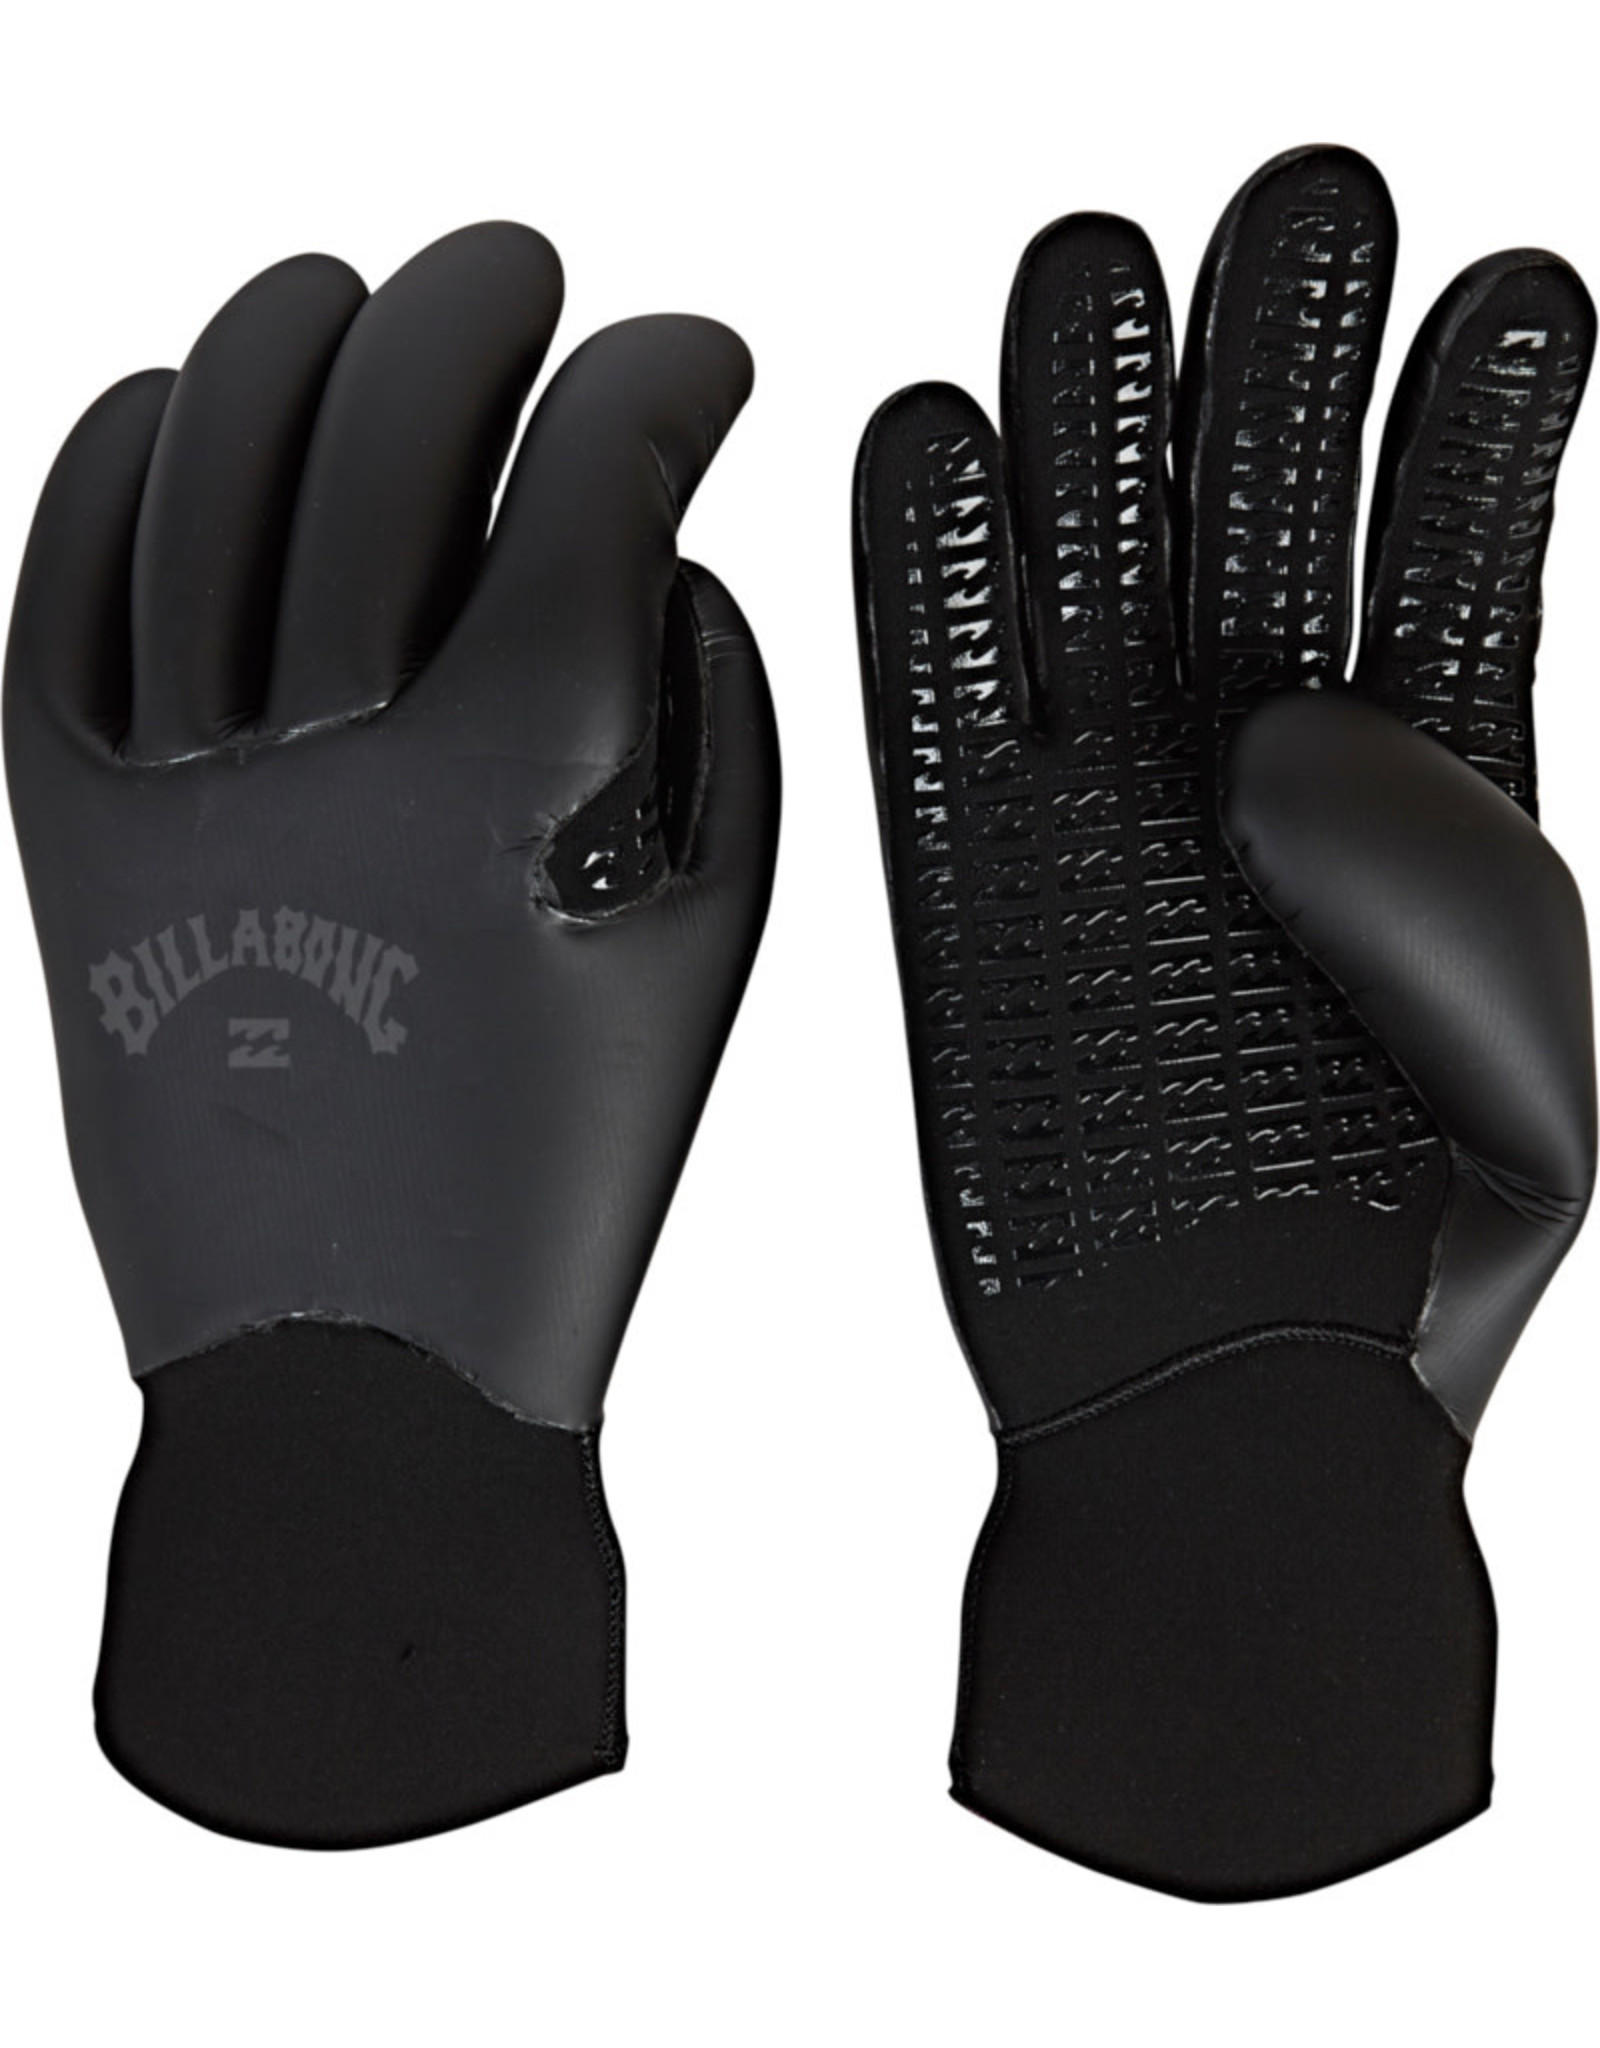 Billabong Billabong 3mm Furnace Gloves